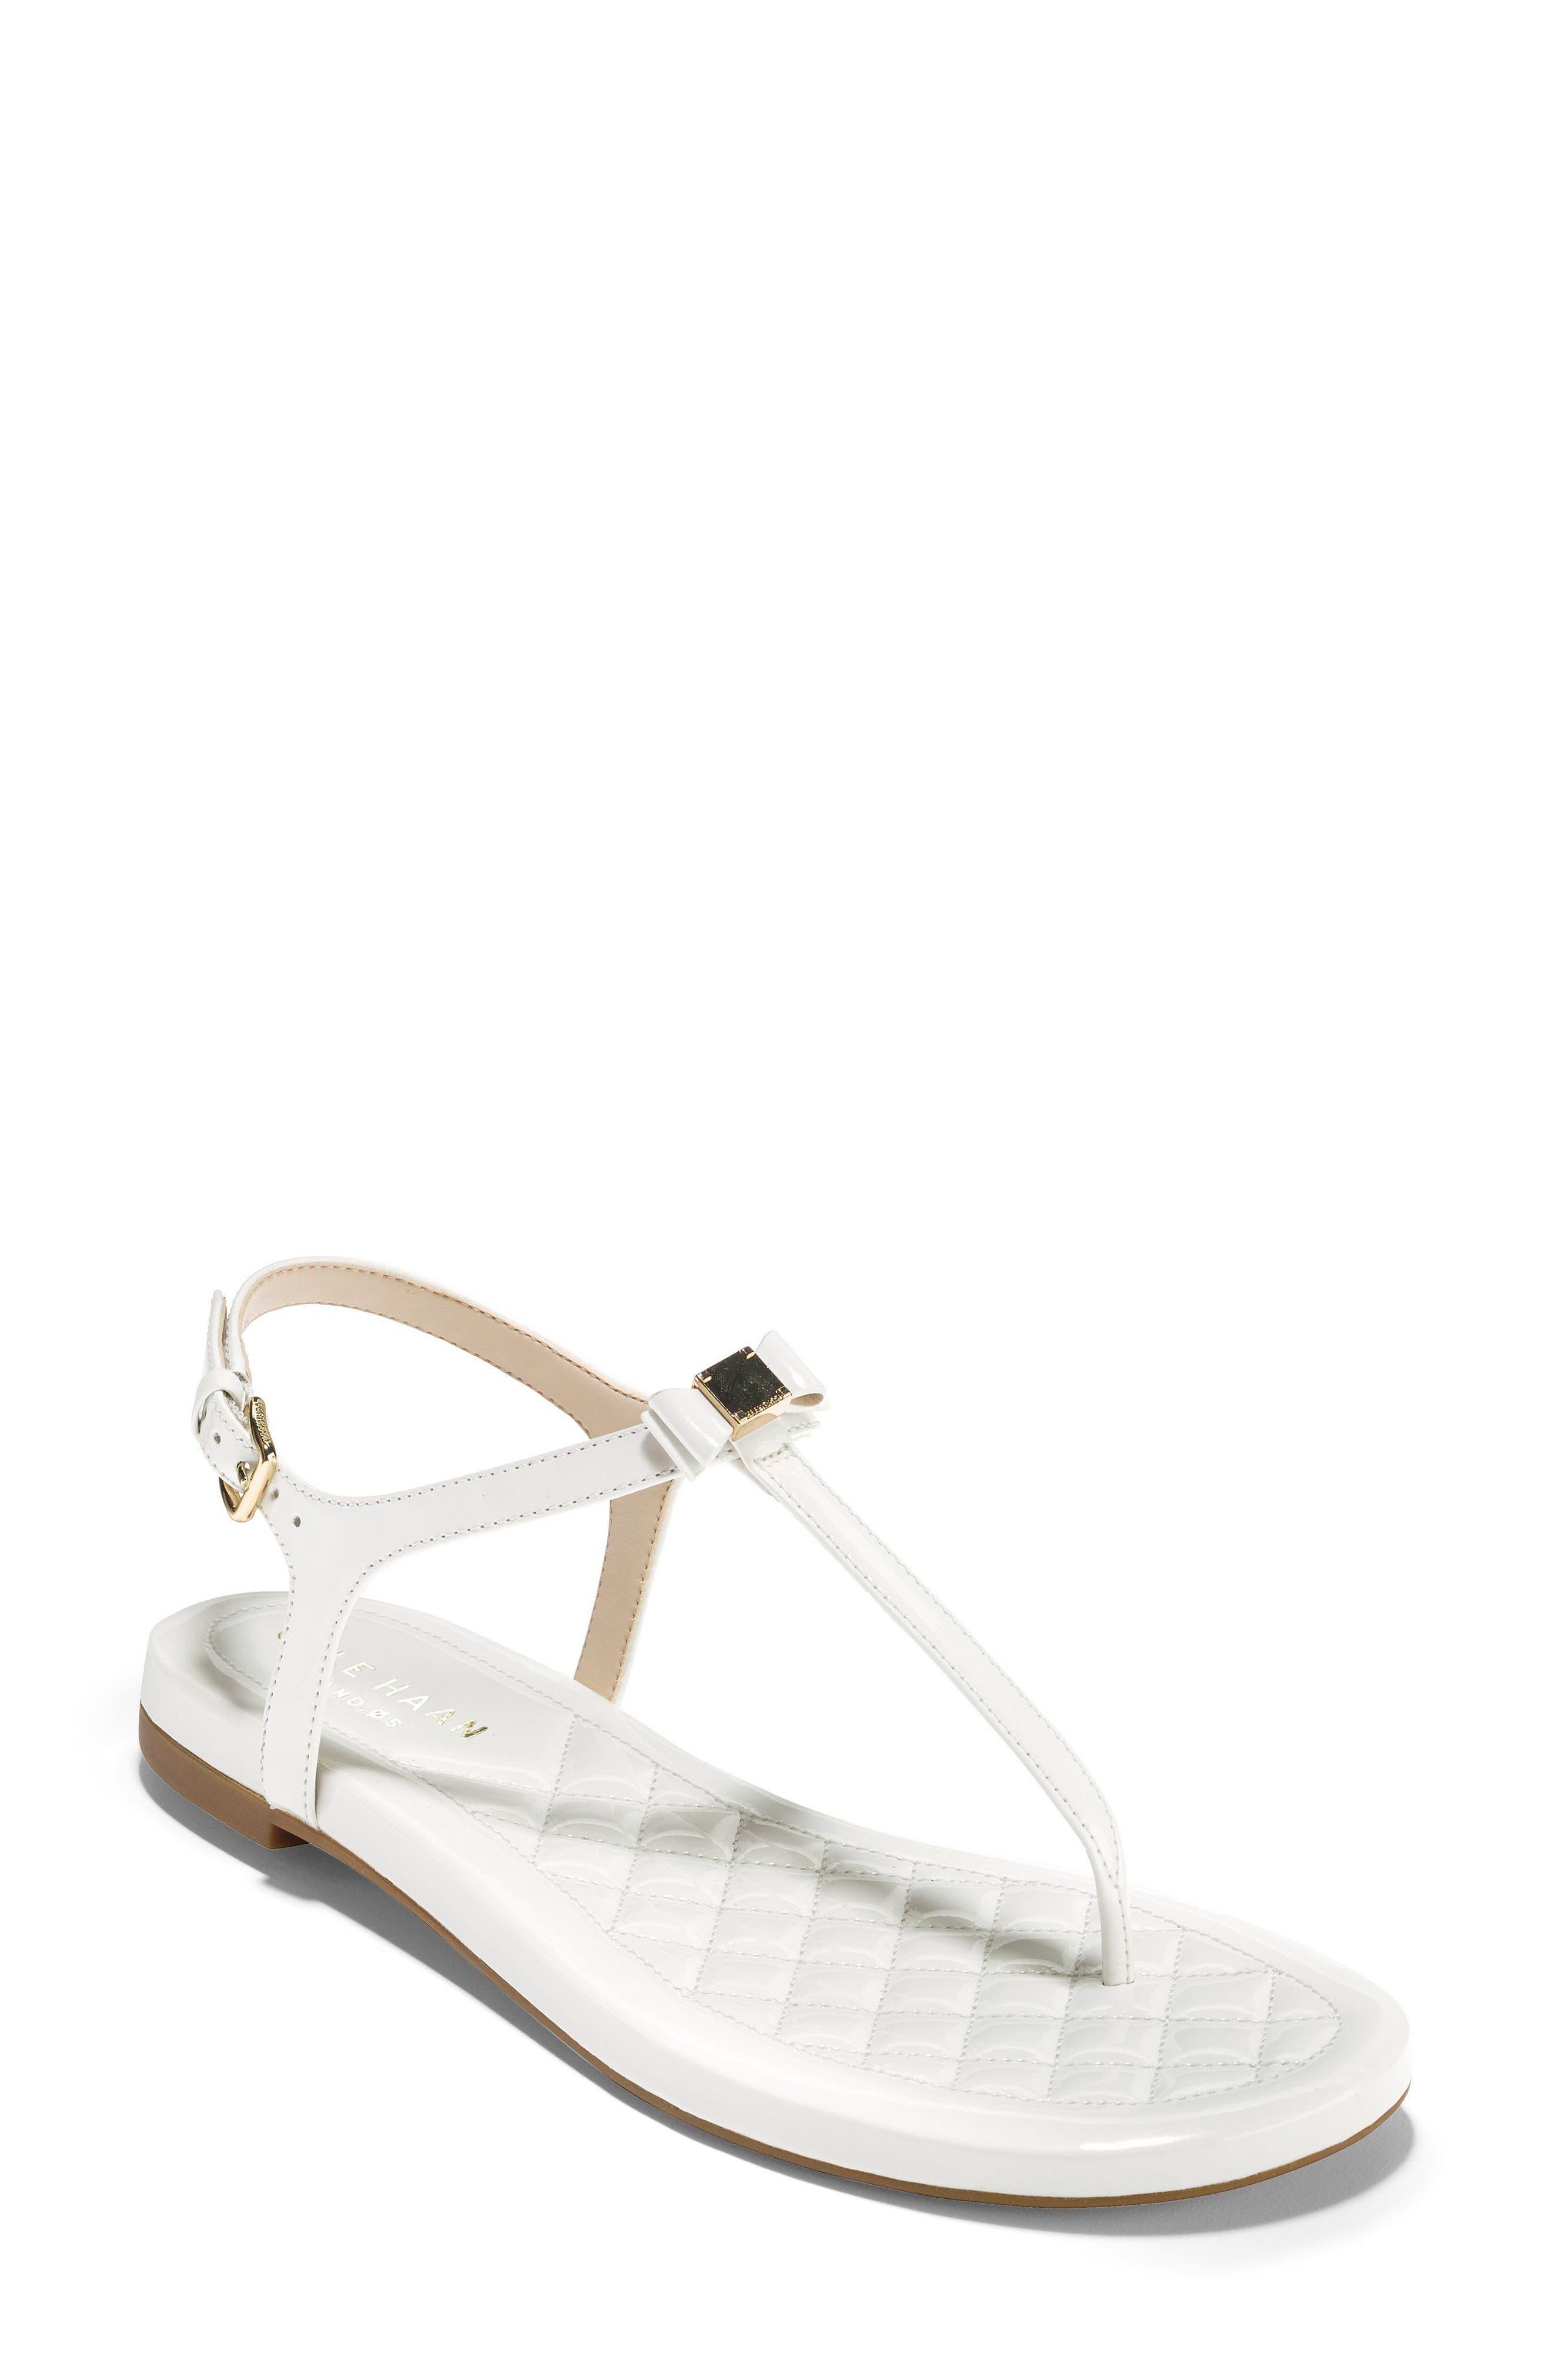 Tali Bow Sandal,                         Main,                         color, Optic White Patent